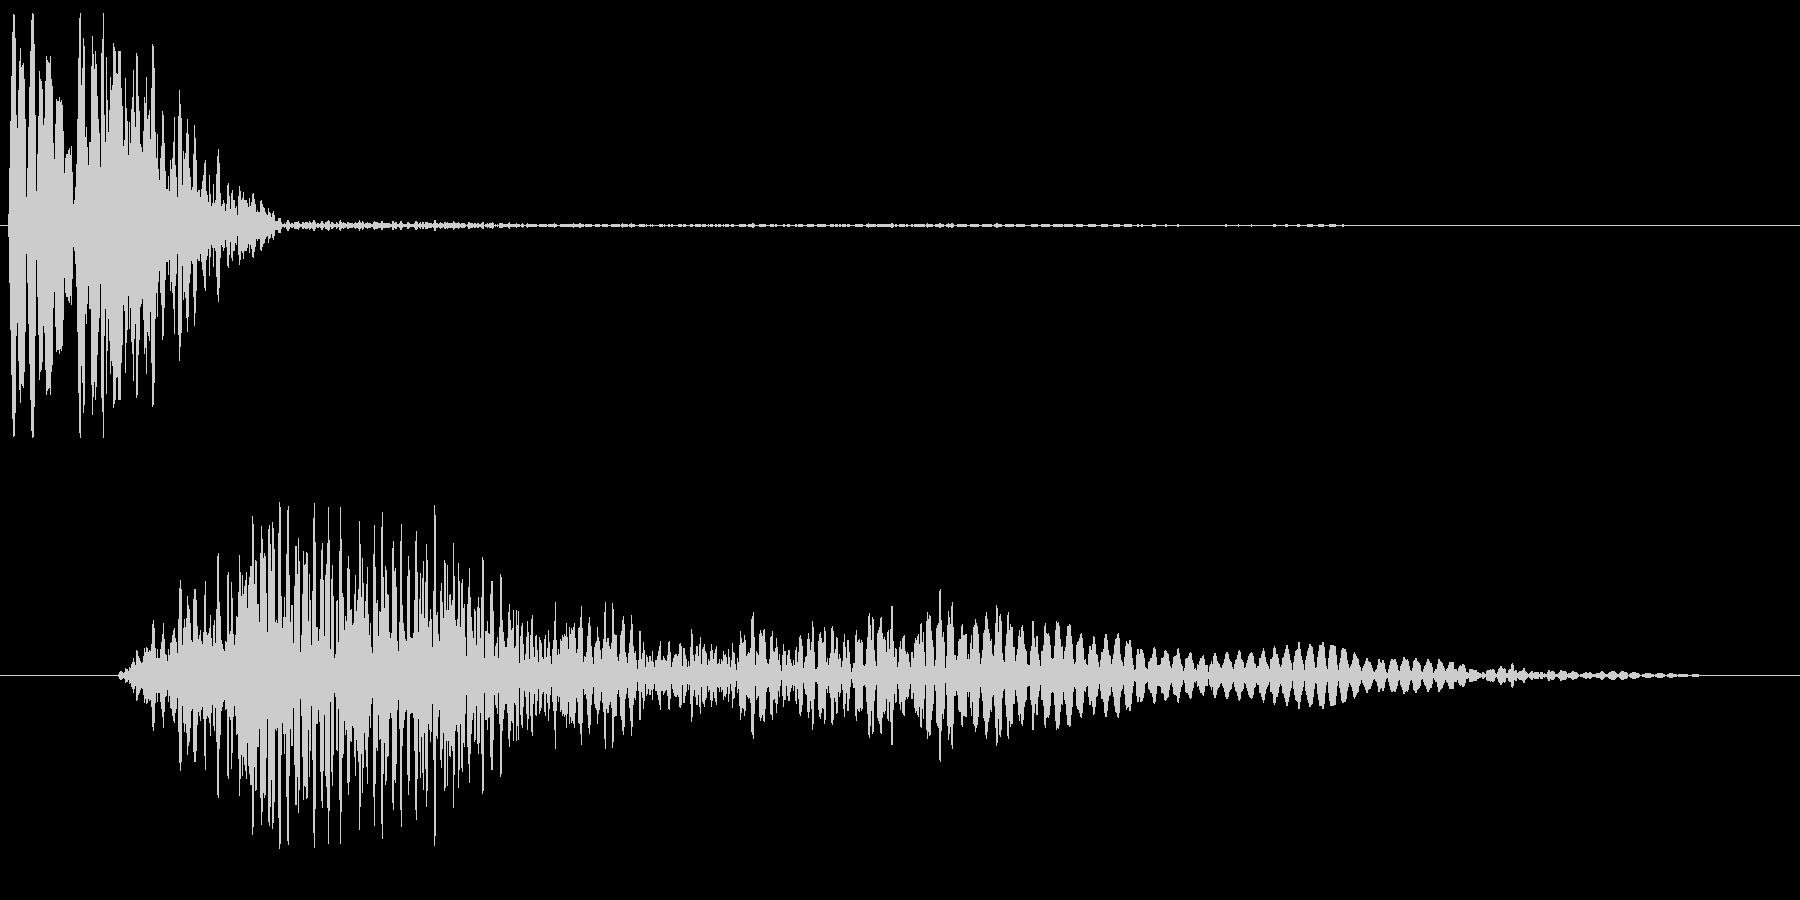 パシュー(速さや勢い、流れを感じる音)の未再生の波形